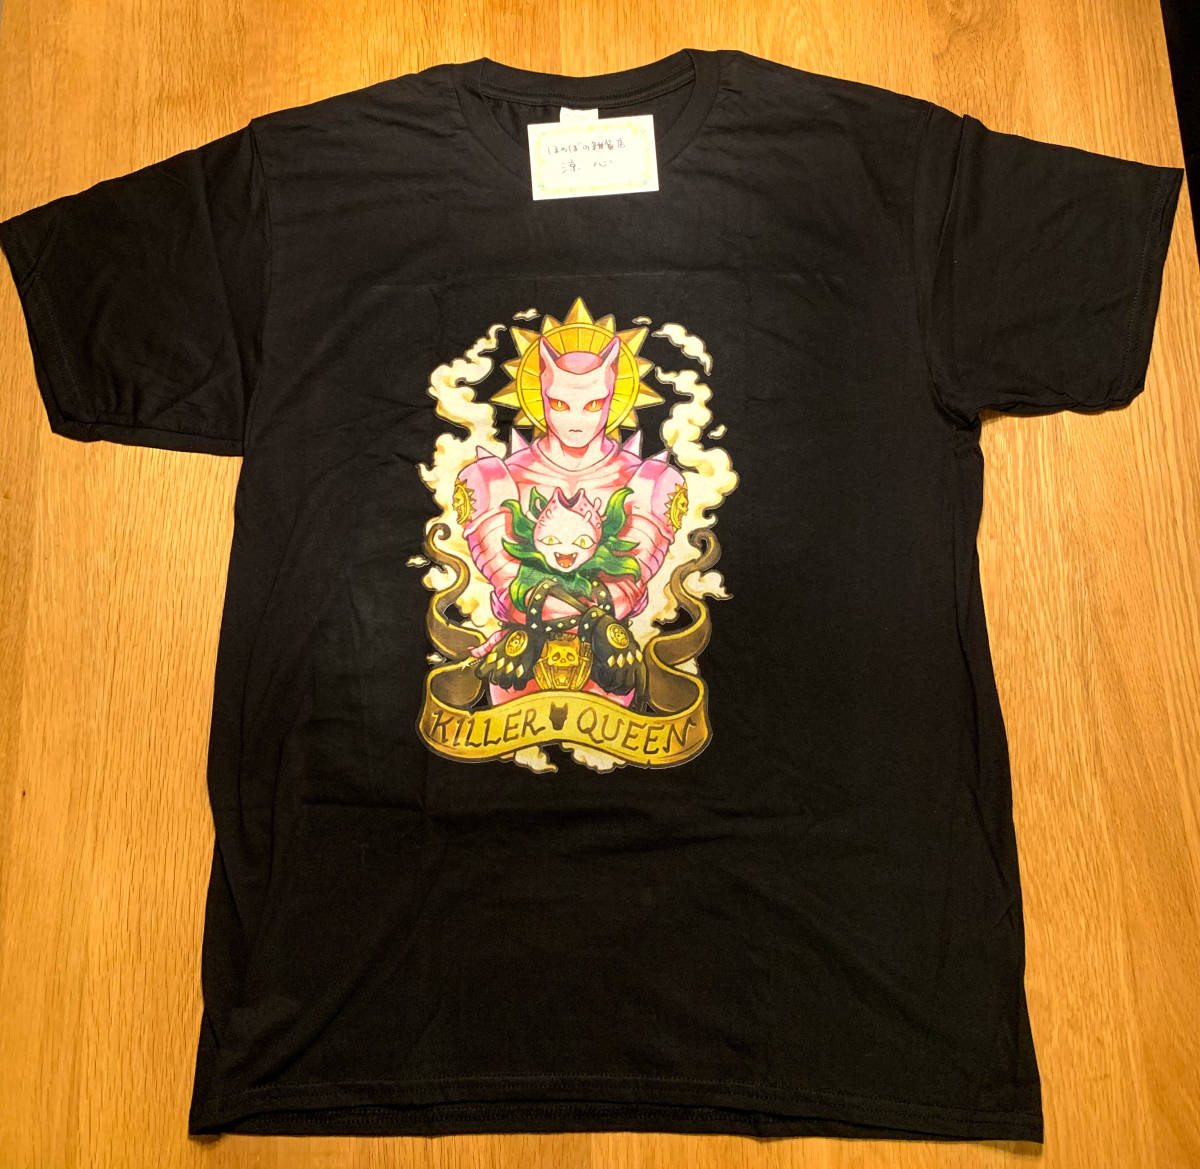 吉良吉影 / キラークイーンTシャツ サイズL  ジョジョの奇妙な冒険_画像3